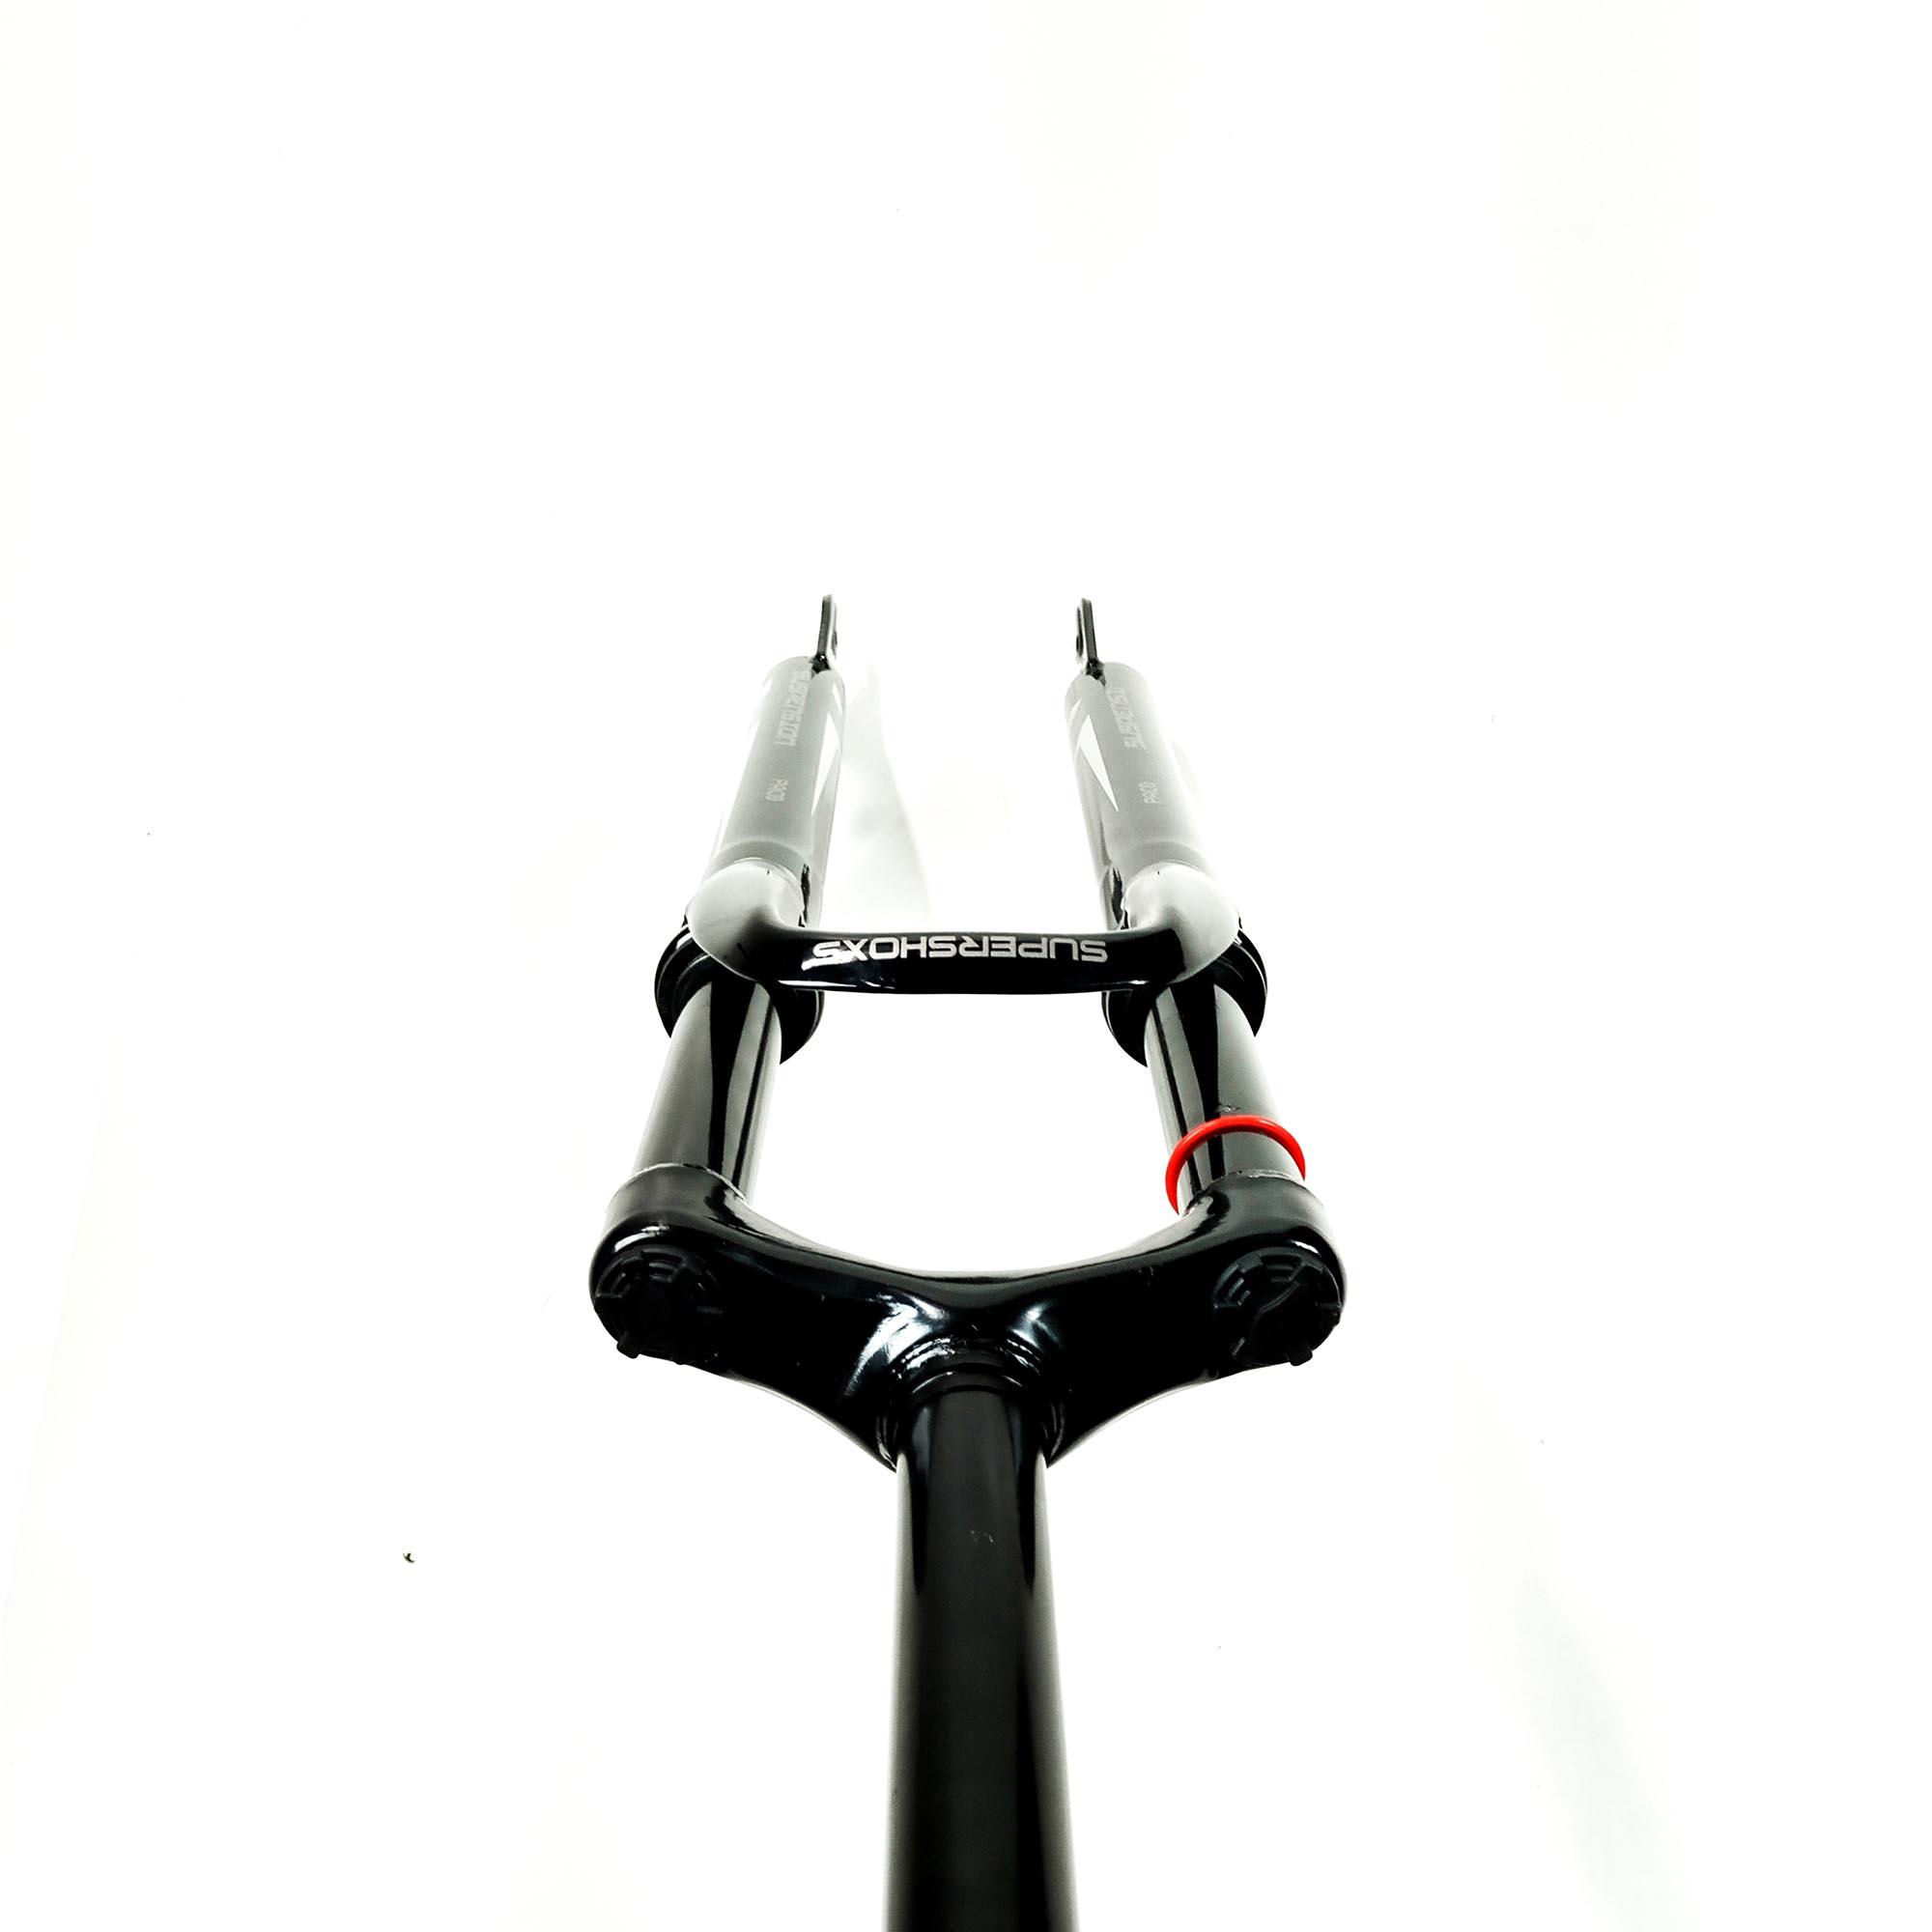 Amortecedor de Bike Suspensão Sem Trava Sem Regulagem Paco 29 Suspensao Aco Sem Trava Sem Regulagem Ahead Set Preto